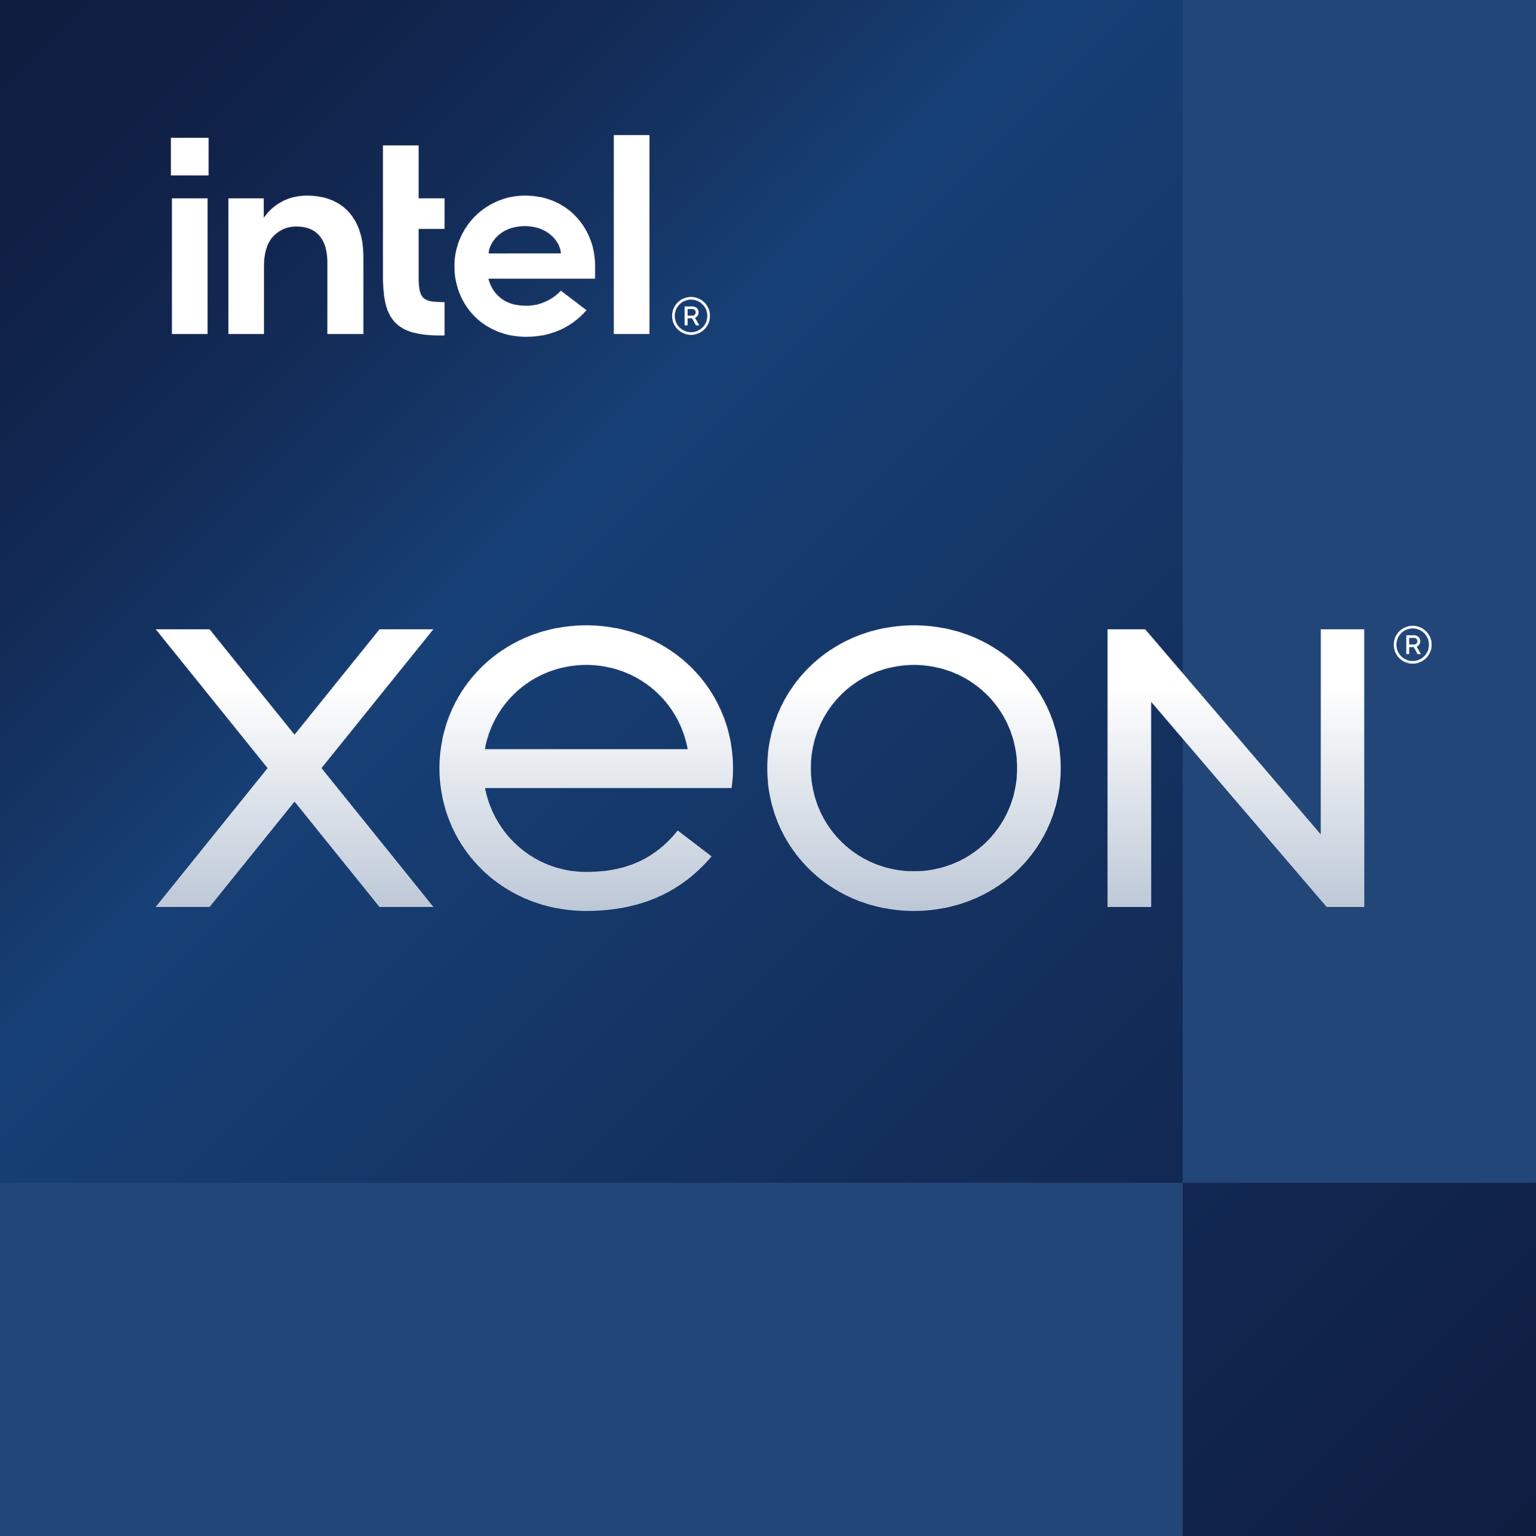 Xeon Badge